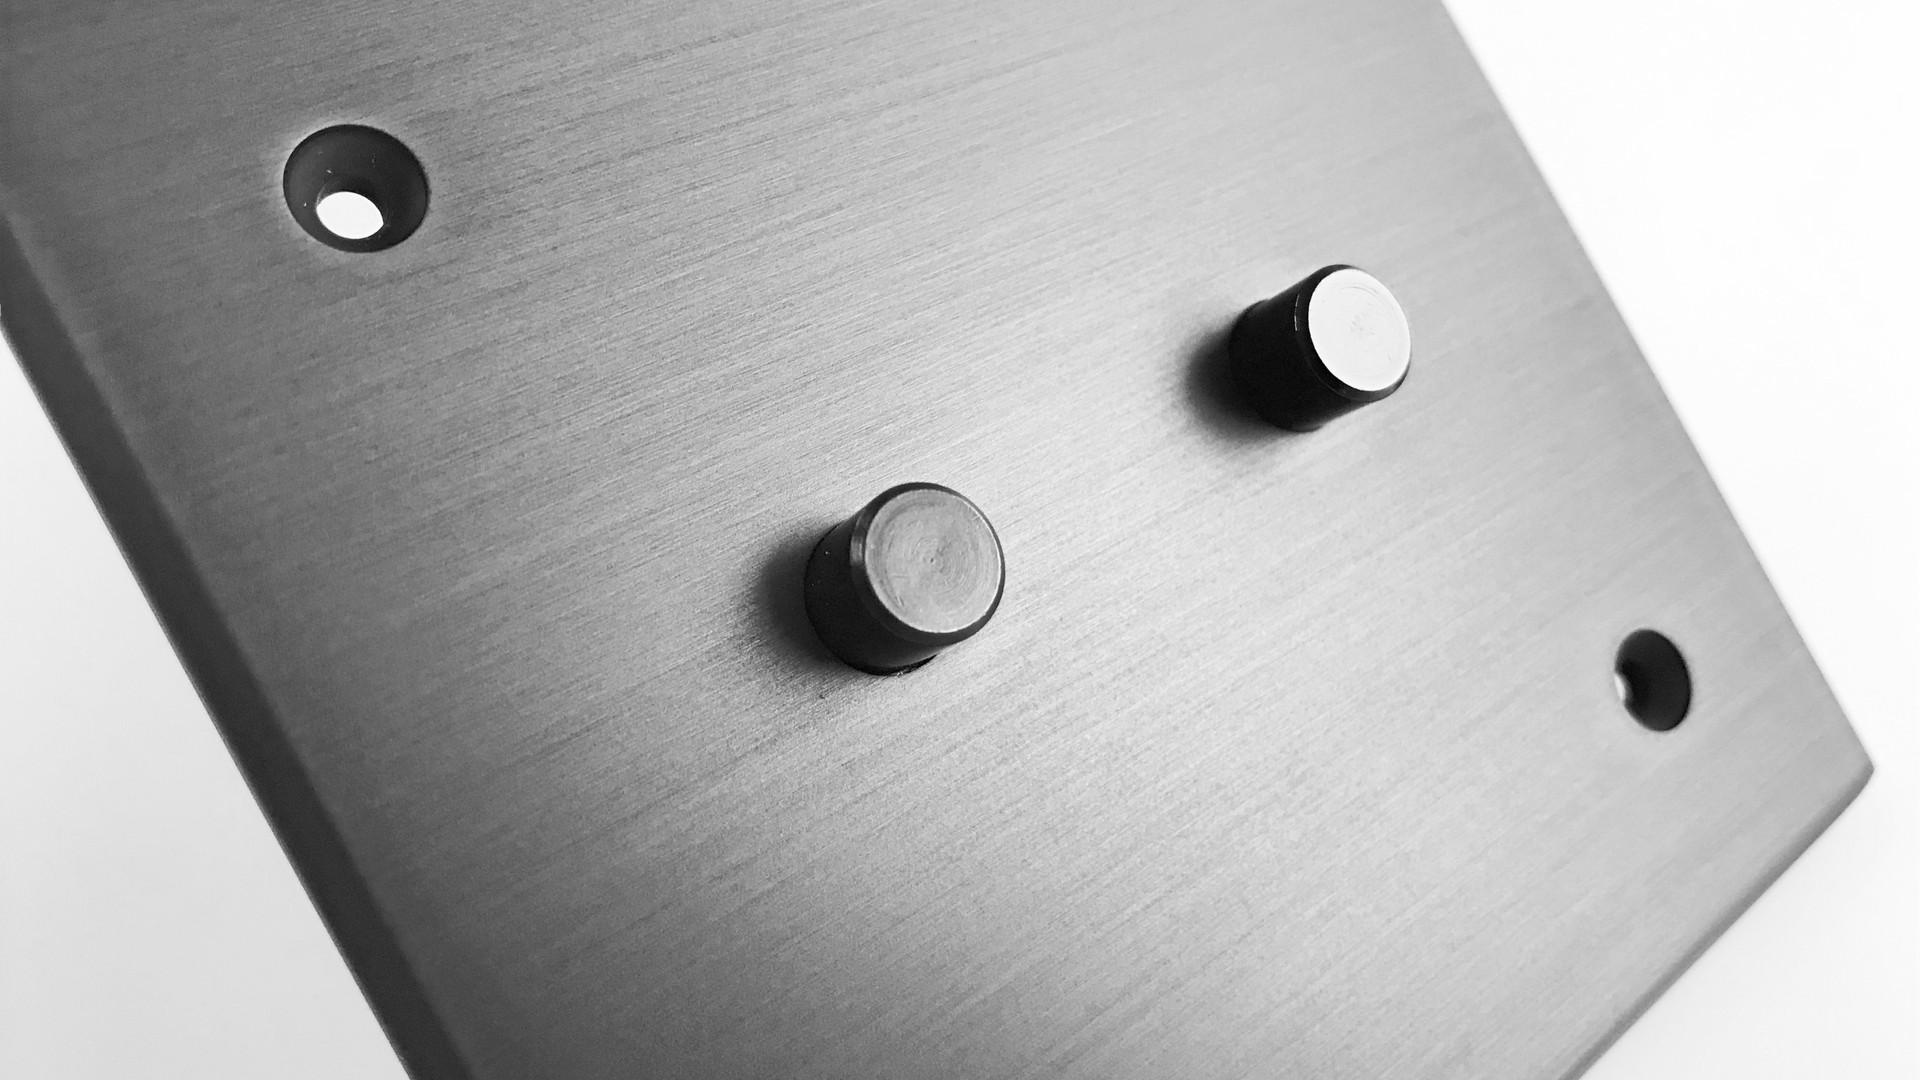 Switch bouton poussoir